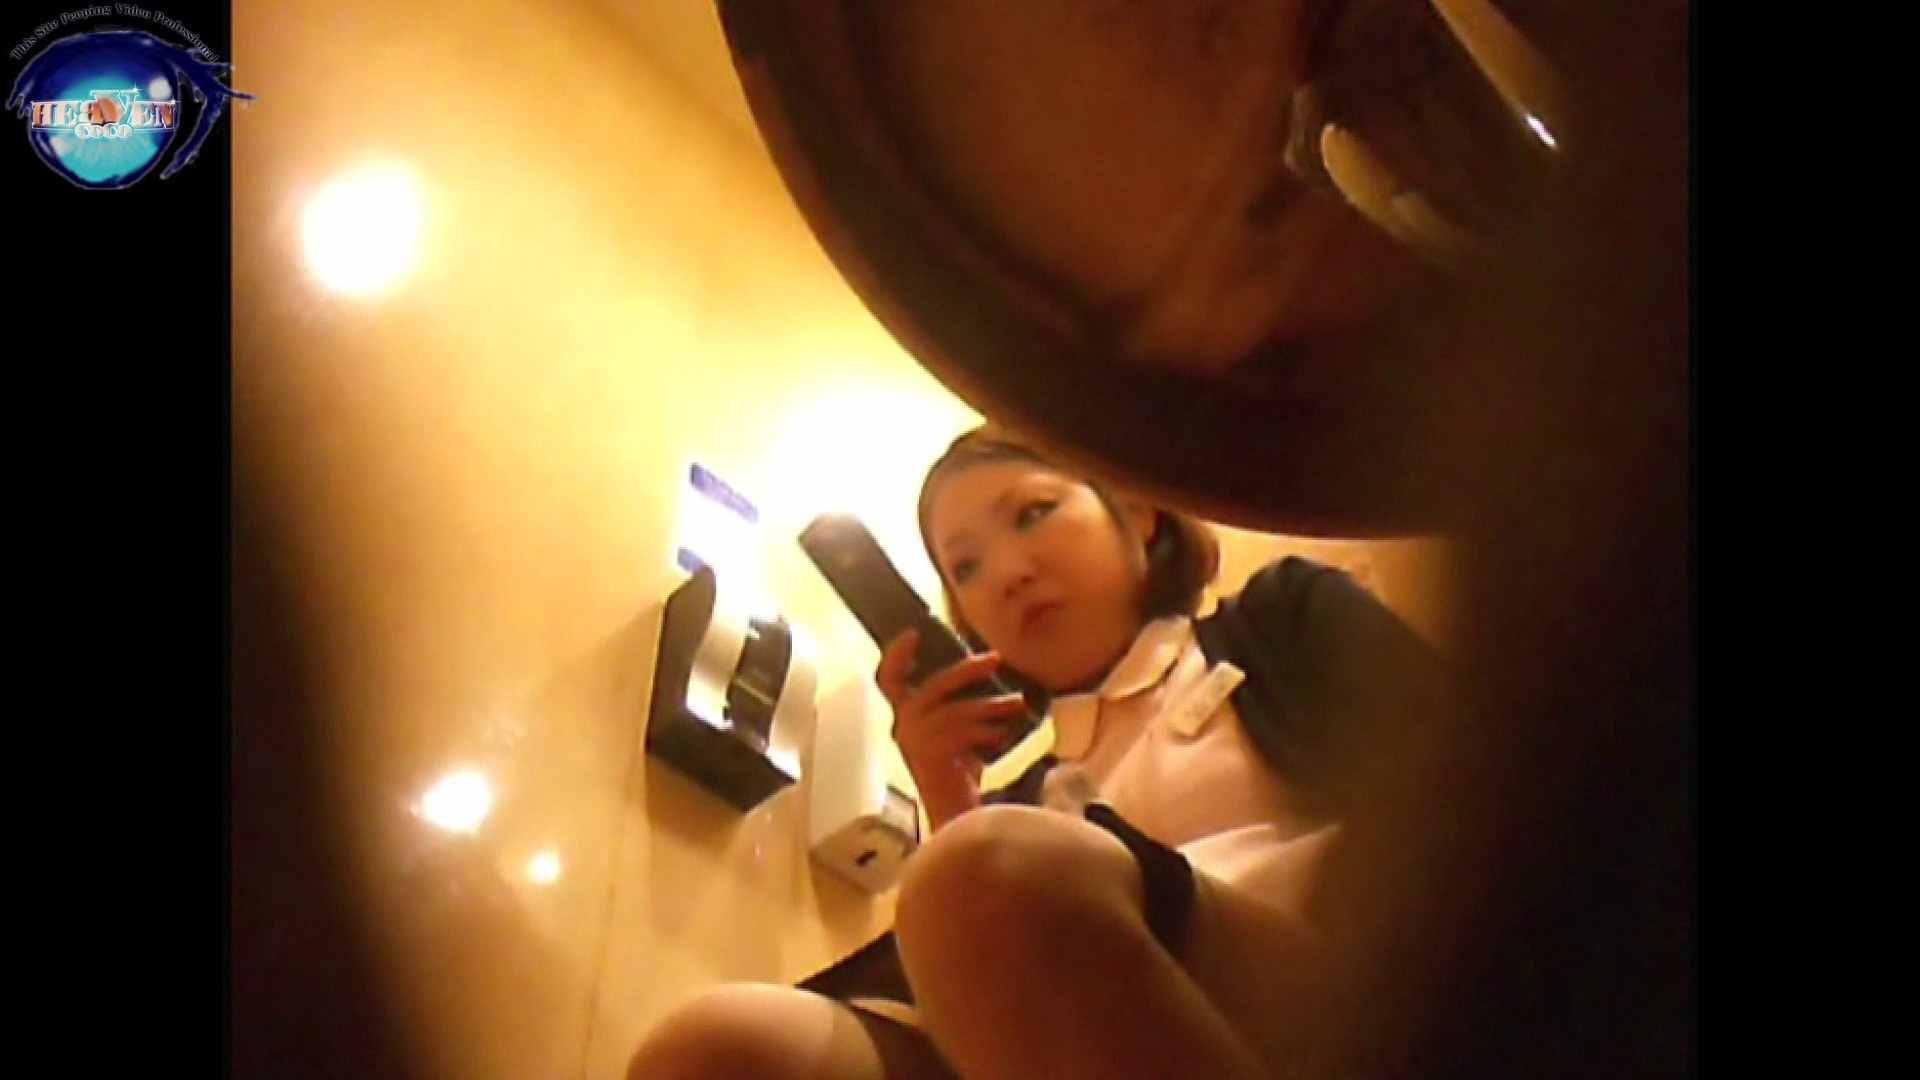 突撃!女子化粧室の真実vol.21 お姉さんのエロ動画 オマンコ動画キャプチャ 98PIX 5